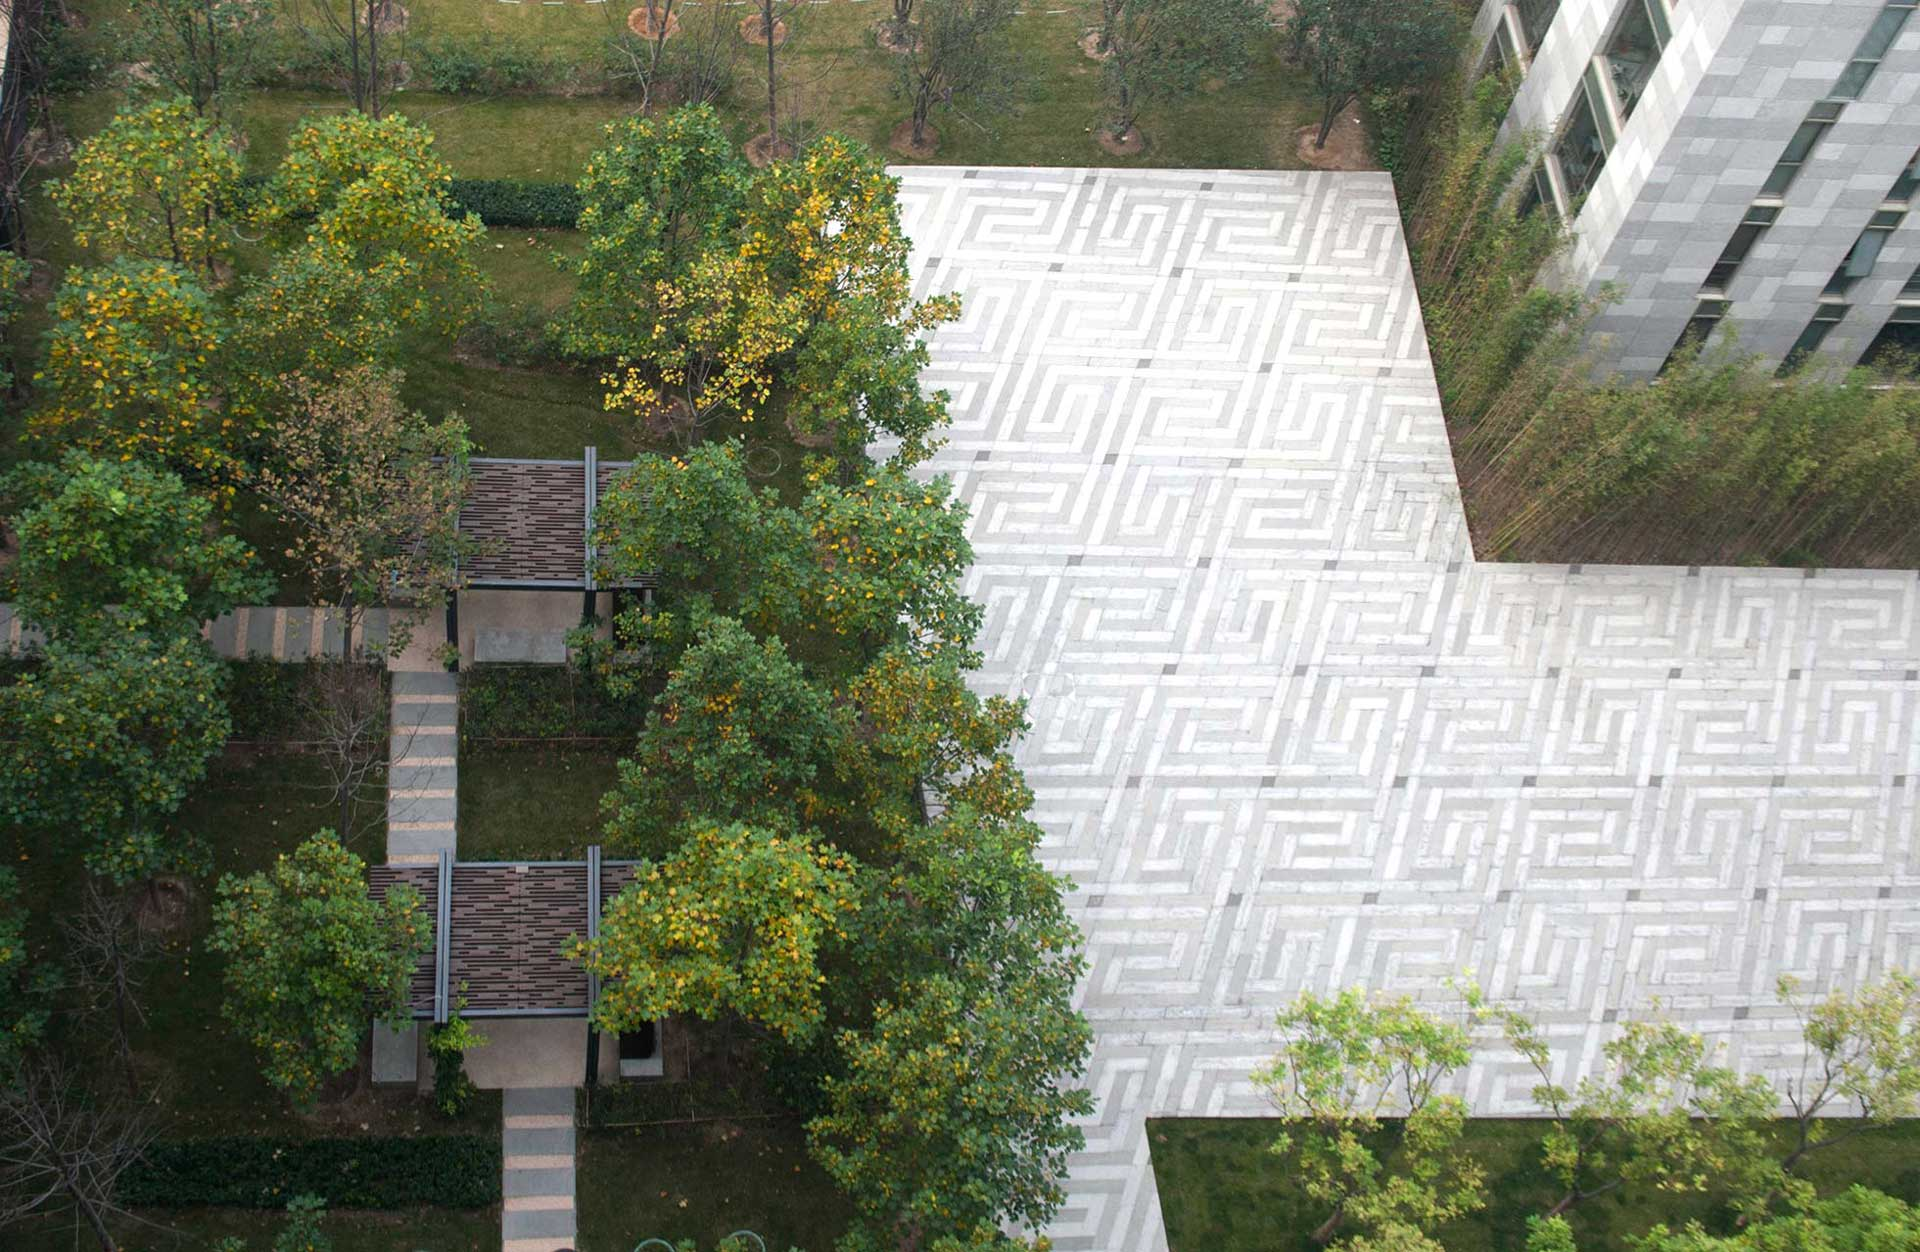 Park-Five_Klopfer-Martin-Design-Group_Plan_Beijing_garden_pavillions.jpg